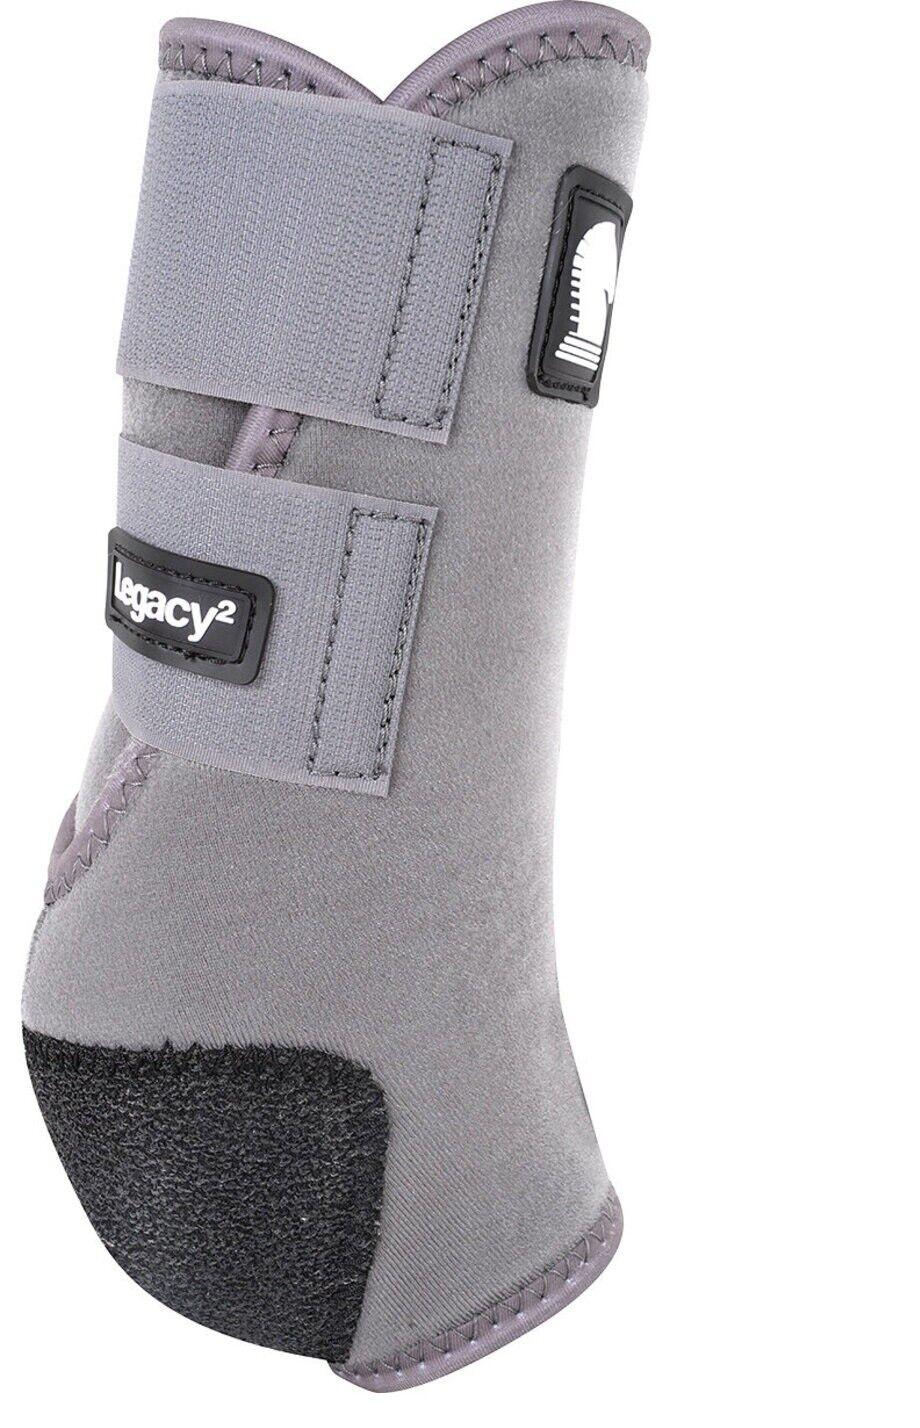 Legacy 2 Hind Schuhe Groß für Pferde Bein Schutz Stütze Stahl Grau